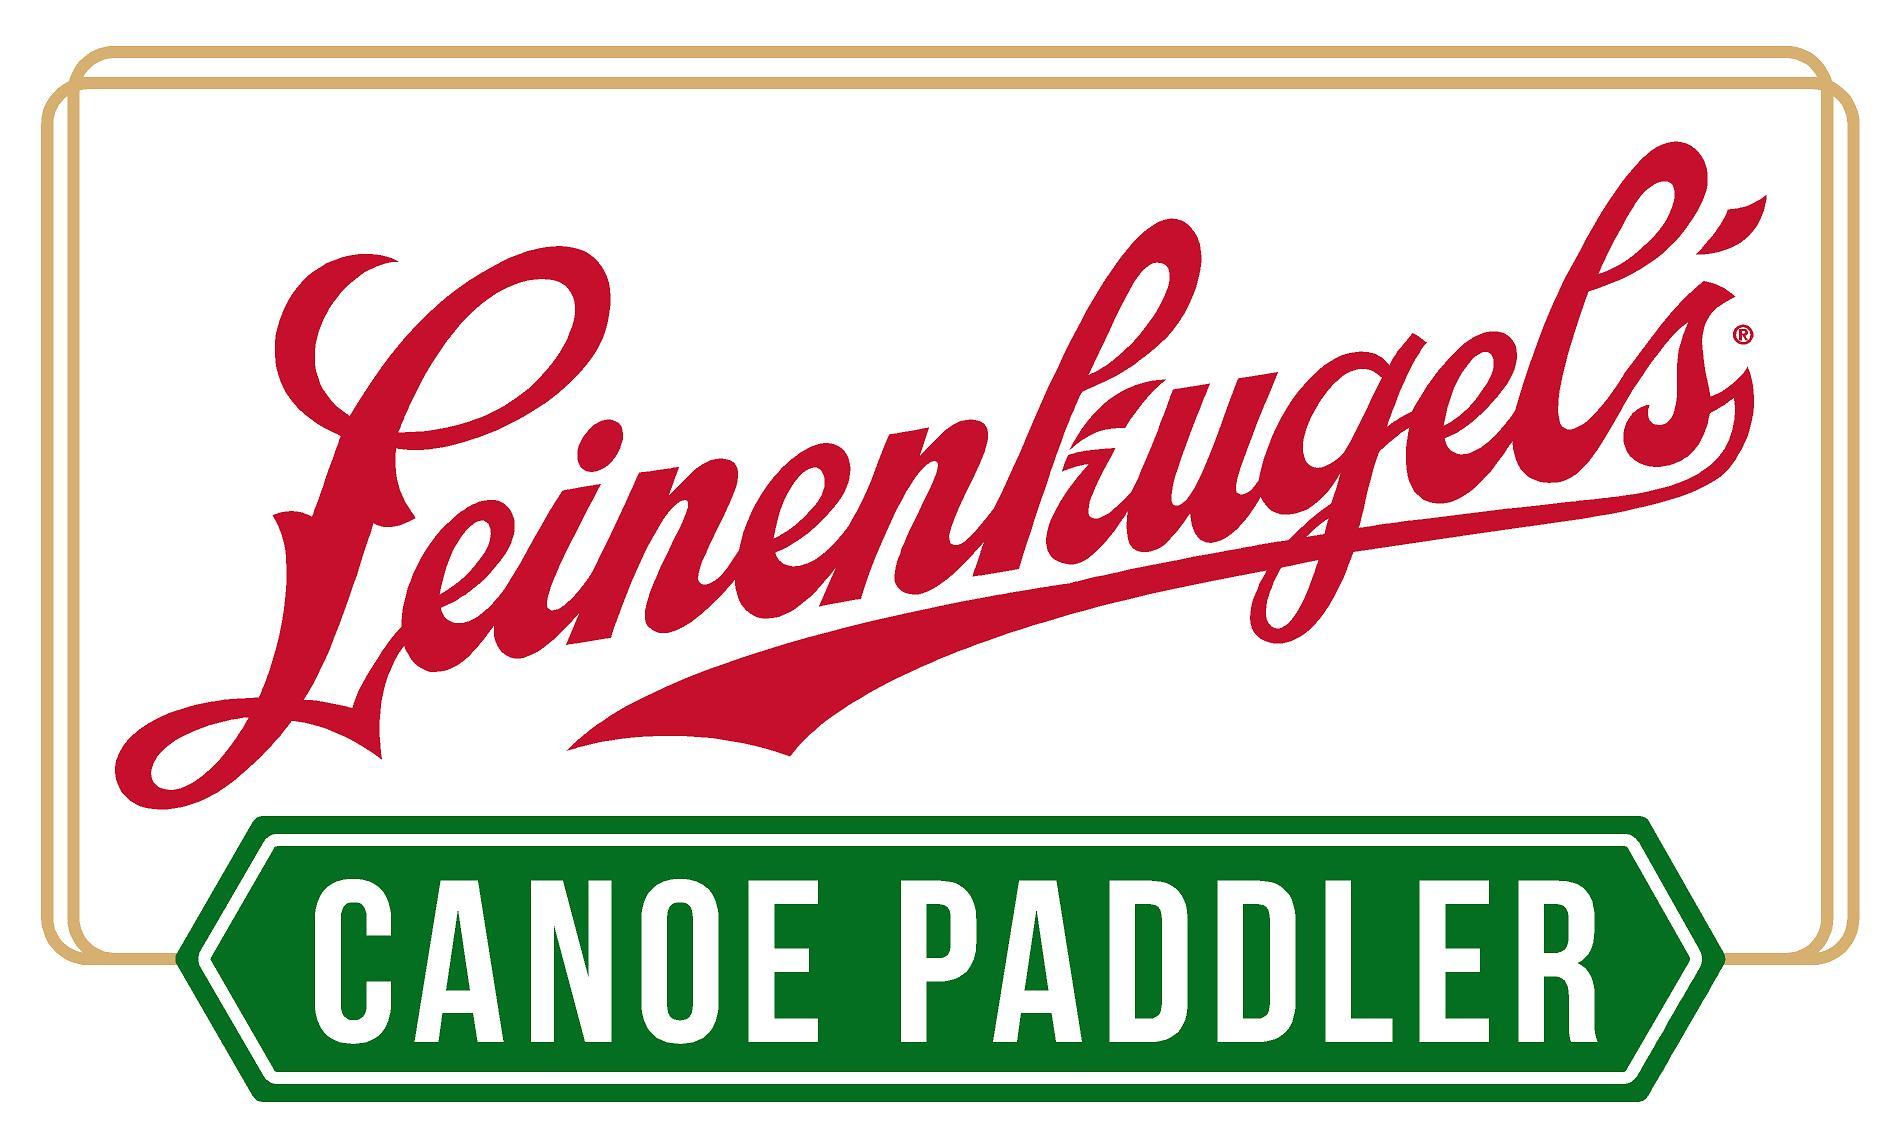 Leinenkugel Canoe Paddler